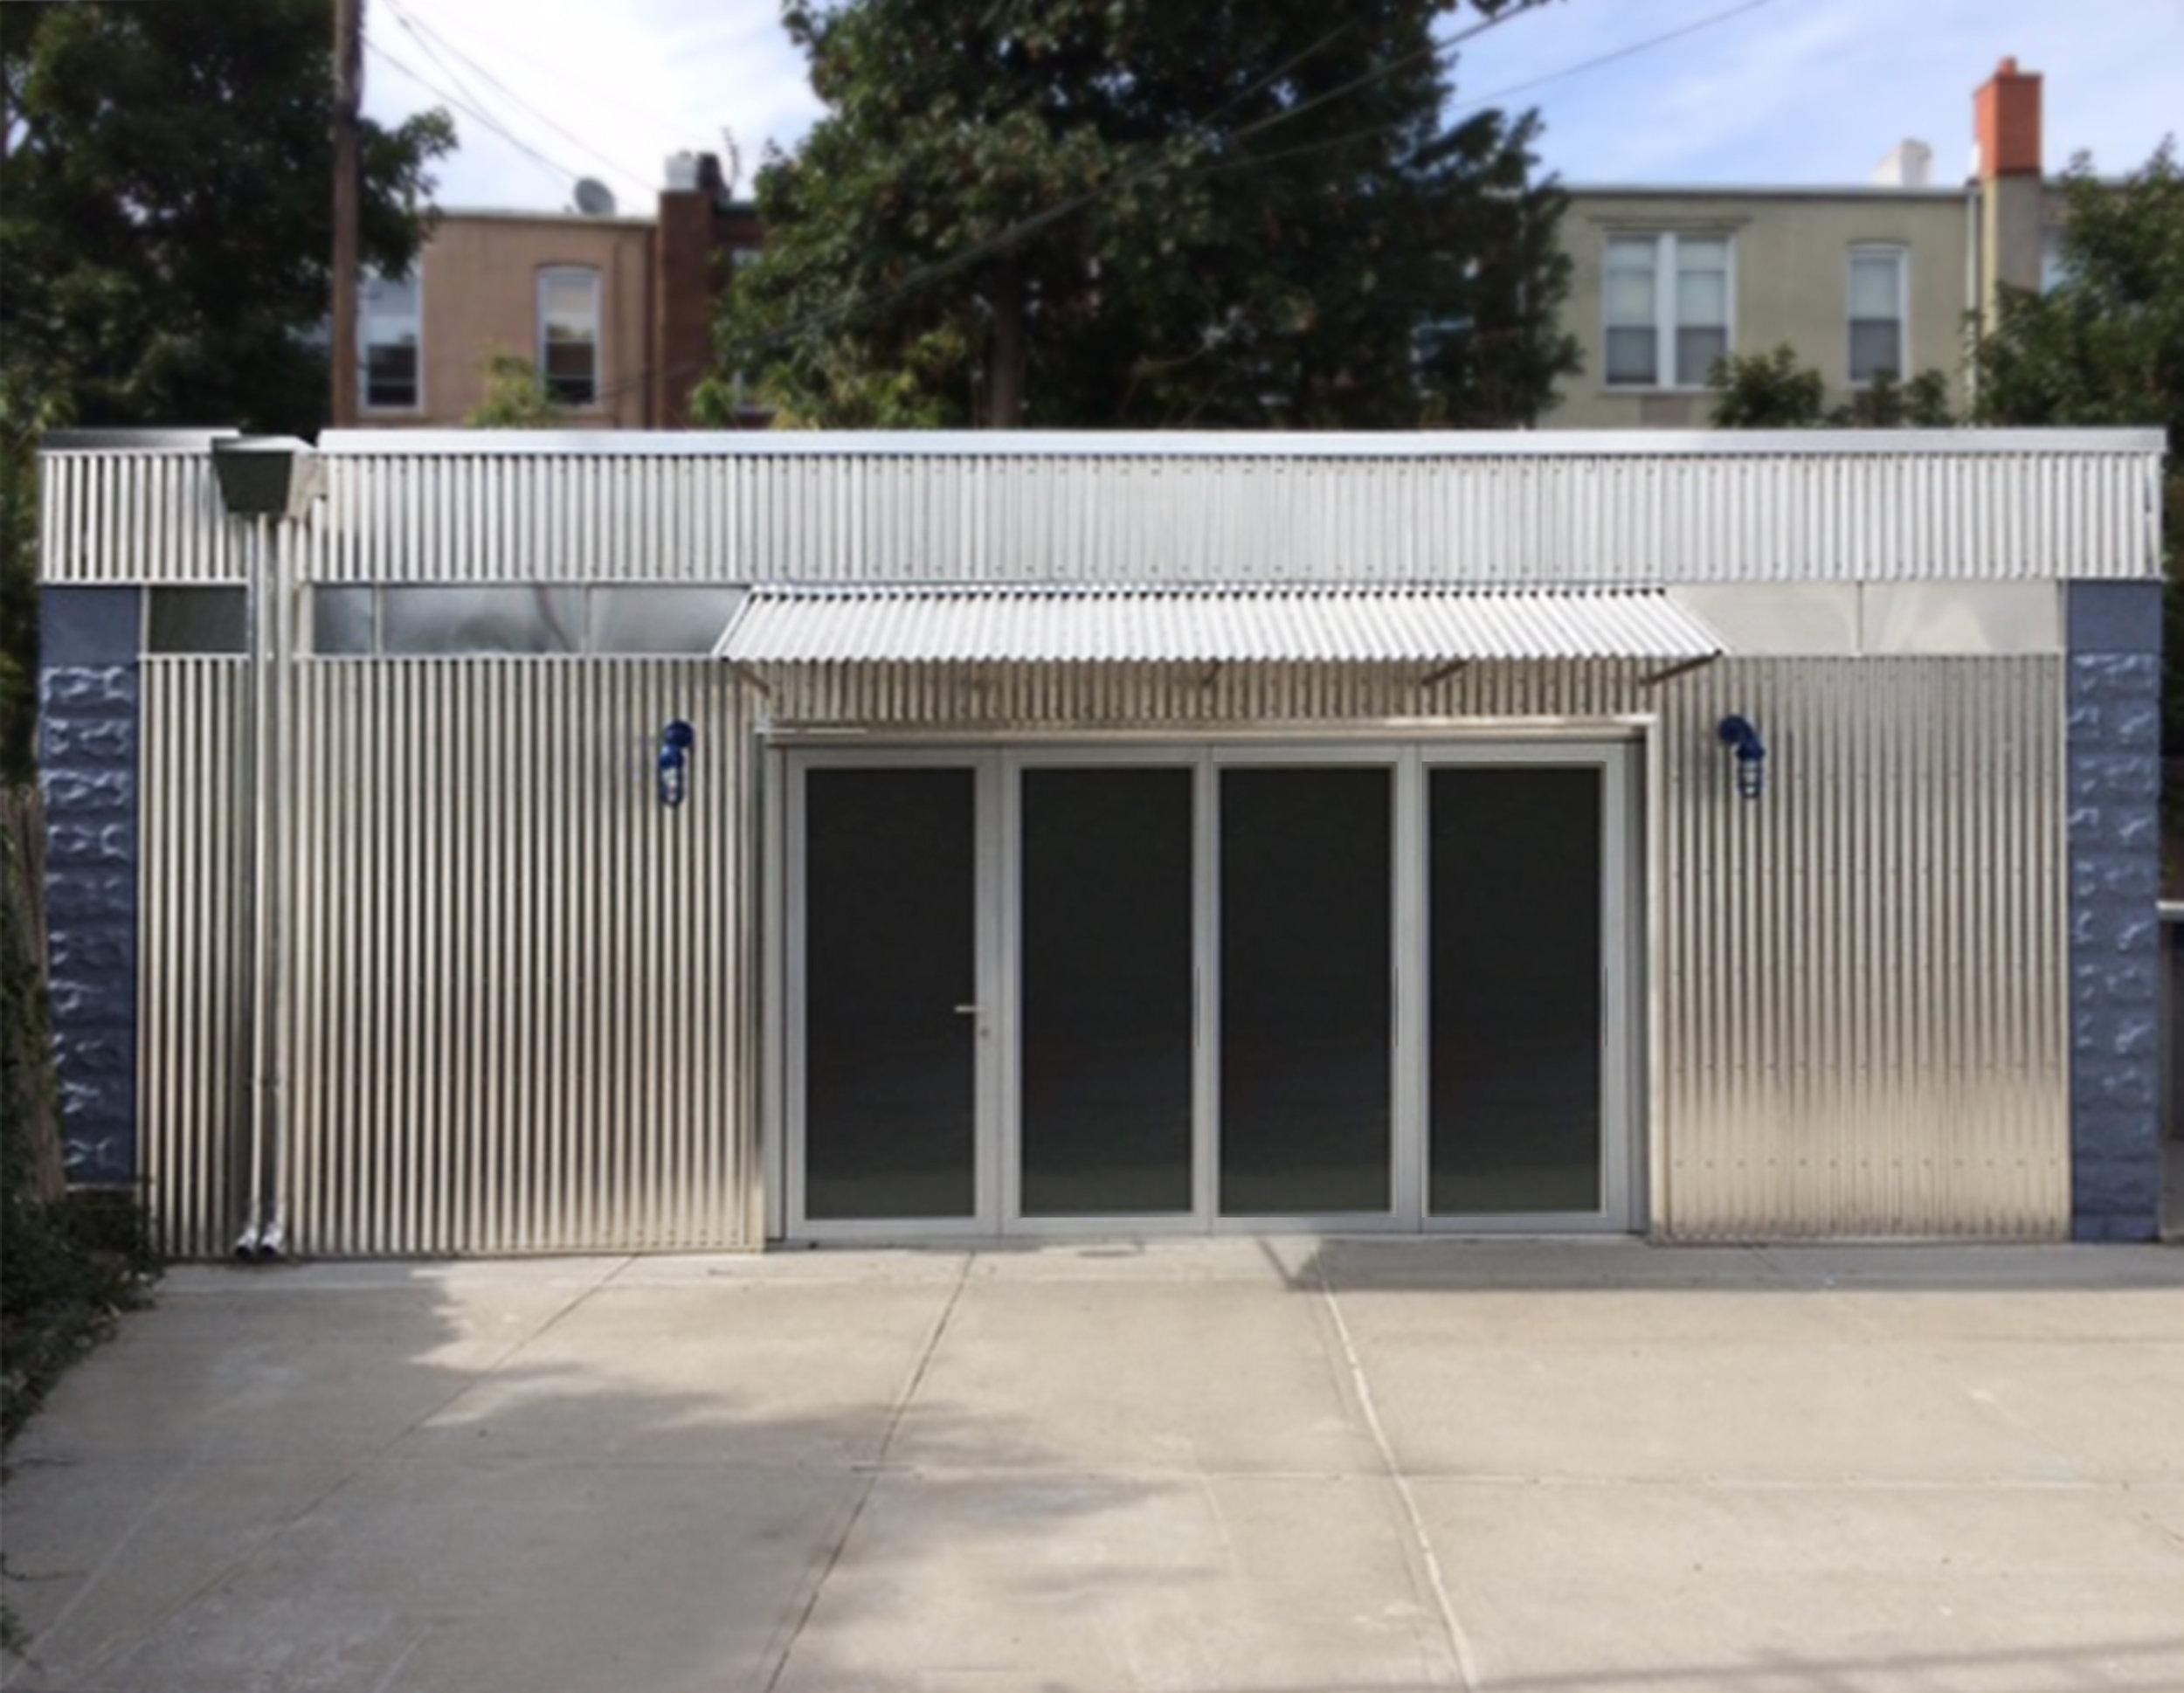 Giobbi House - Brooklyn, NY